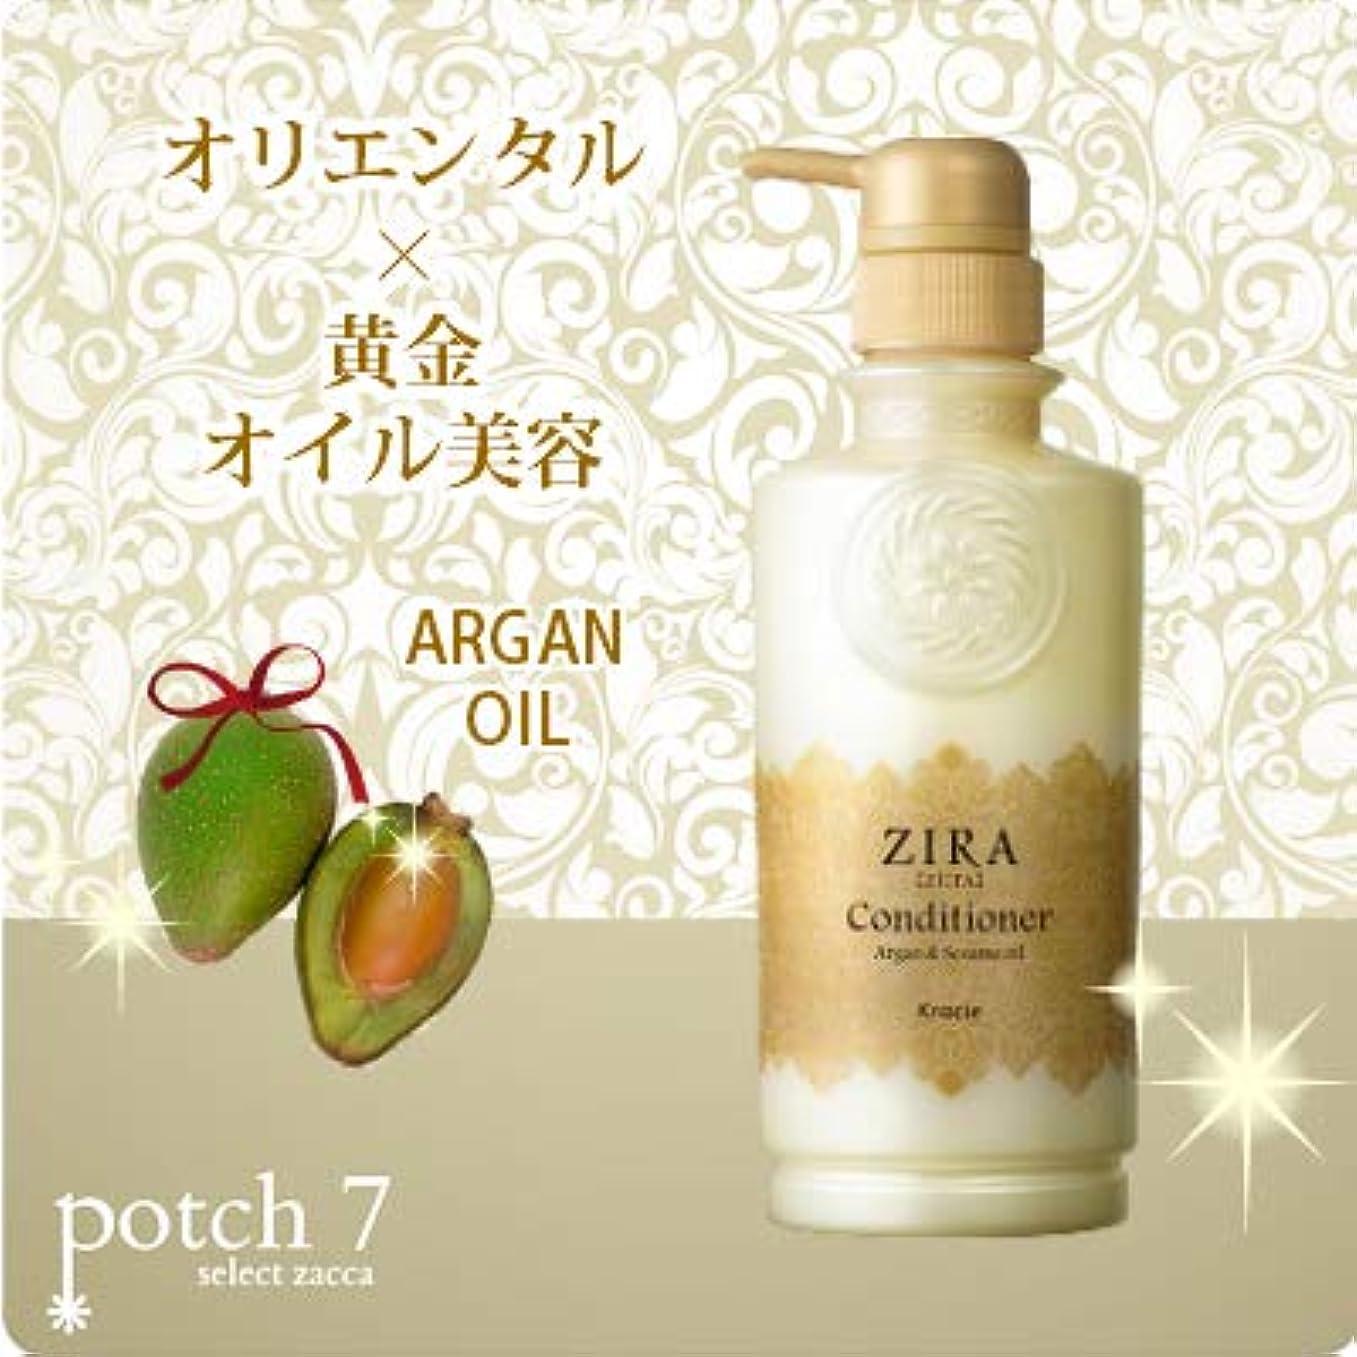 弱い安全でないフェデレーションKracie クラシエ ZIRA ジーラ コンディショナー 420ml オリエンタル美容